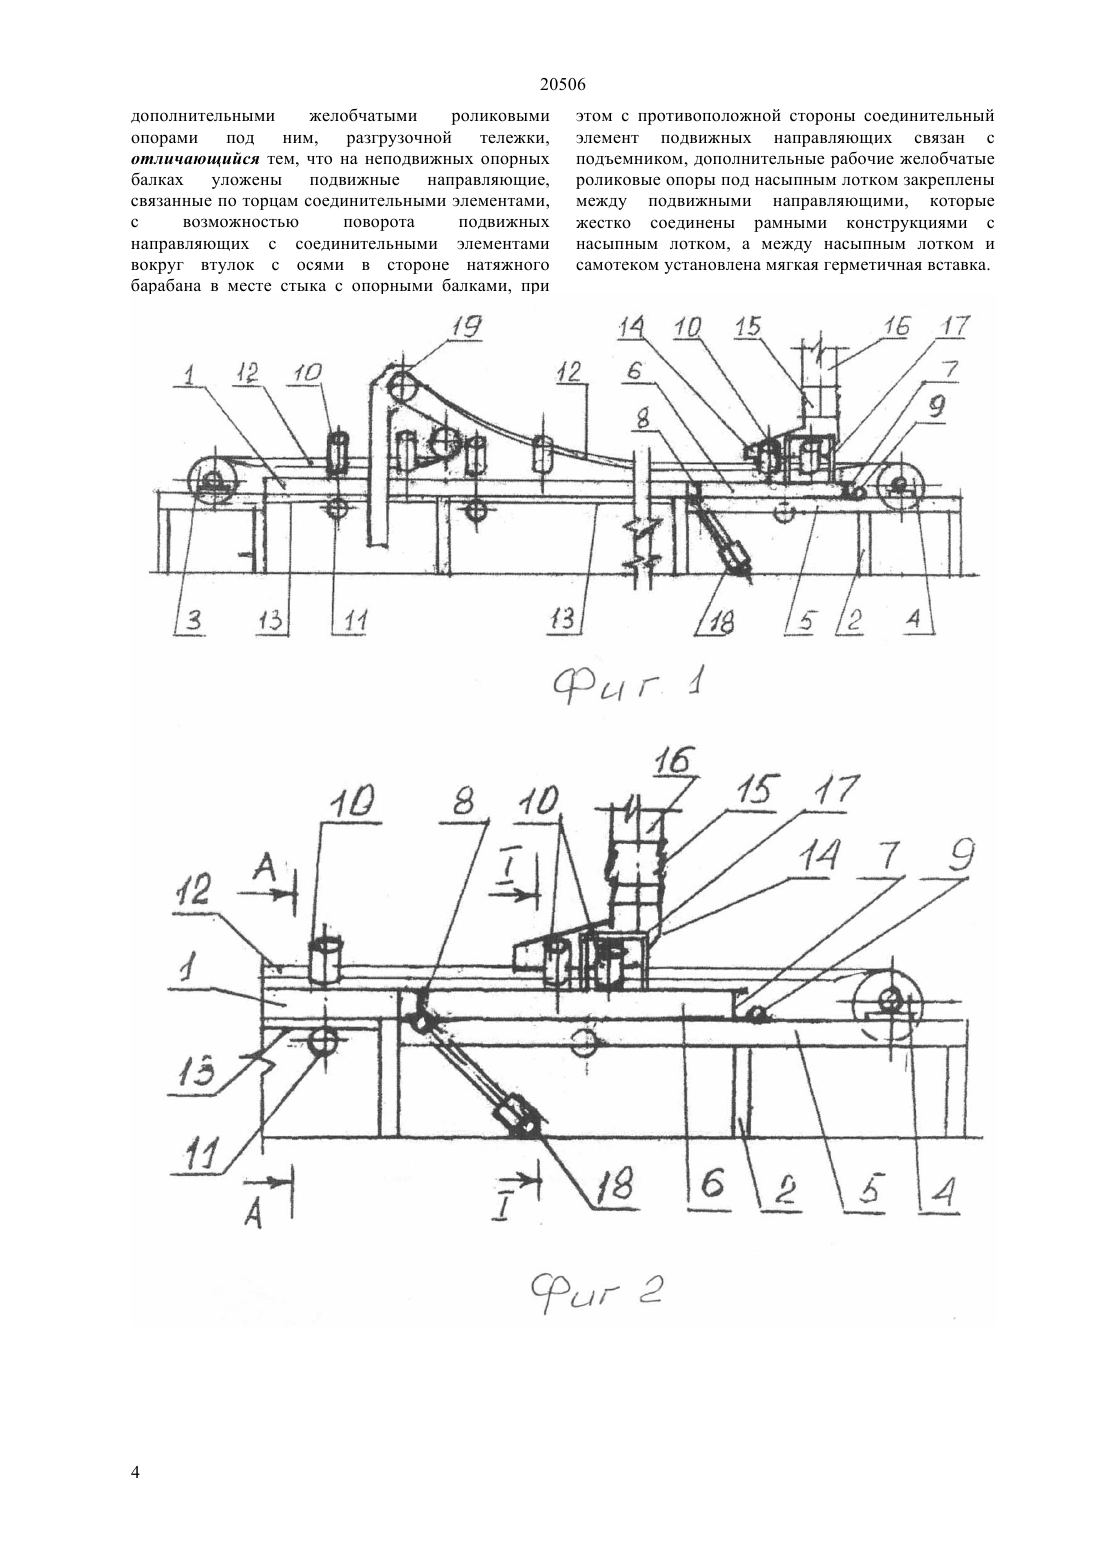 Патенты на ленточный конвейер конвейер скребковый омск